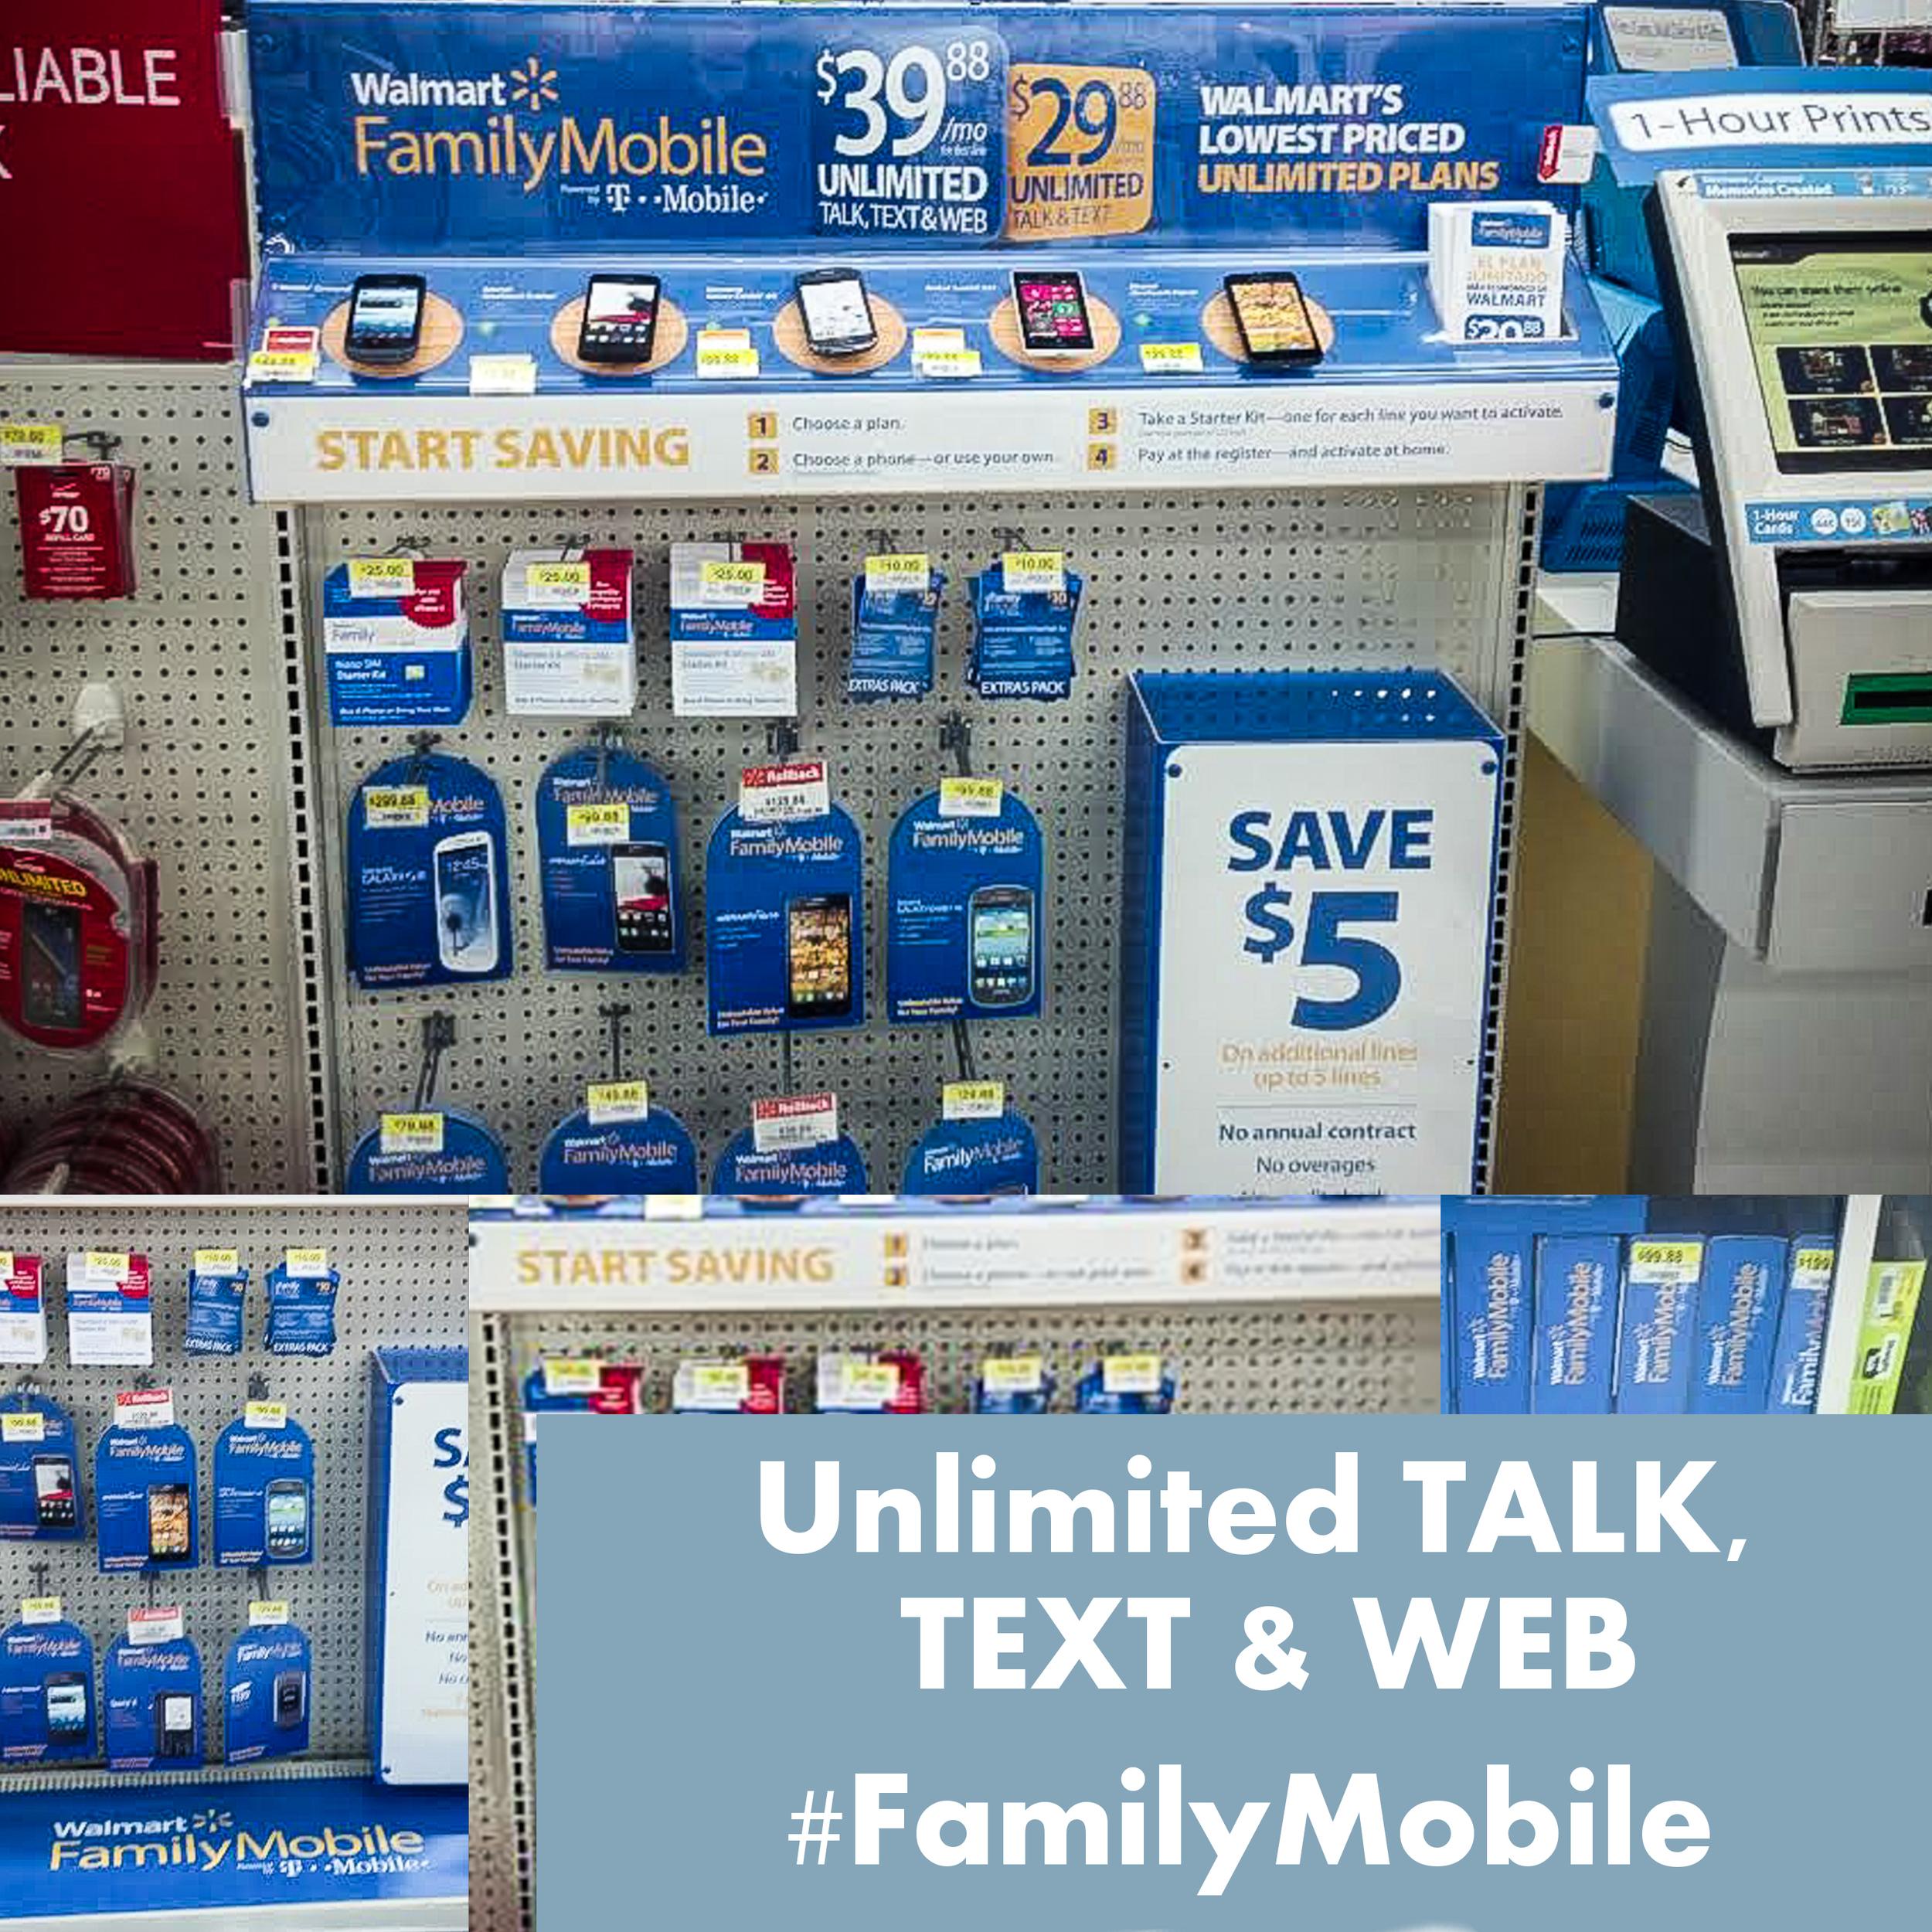 Walmart Family Mobile Plans.jpg